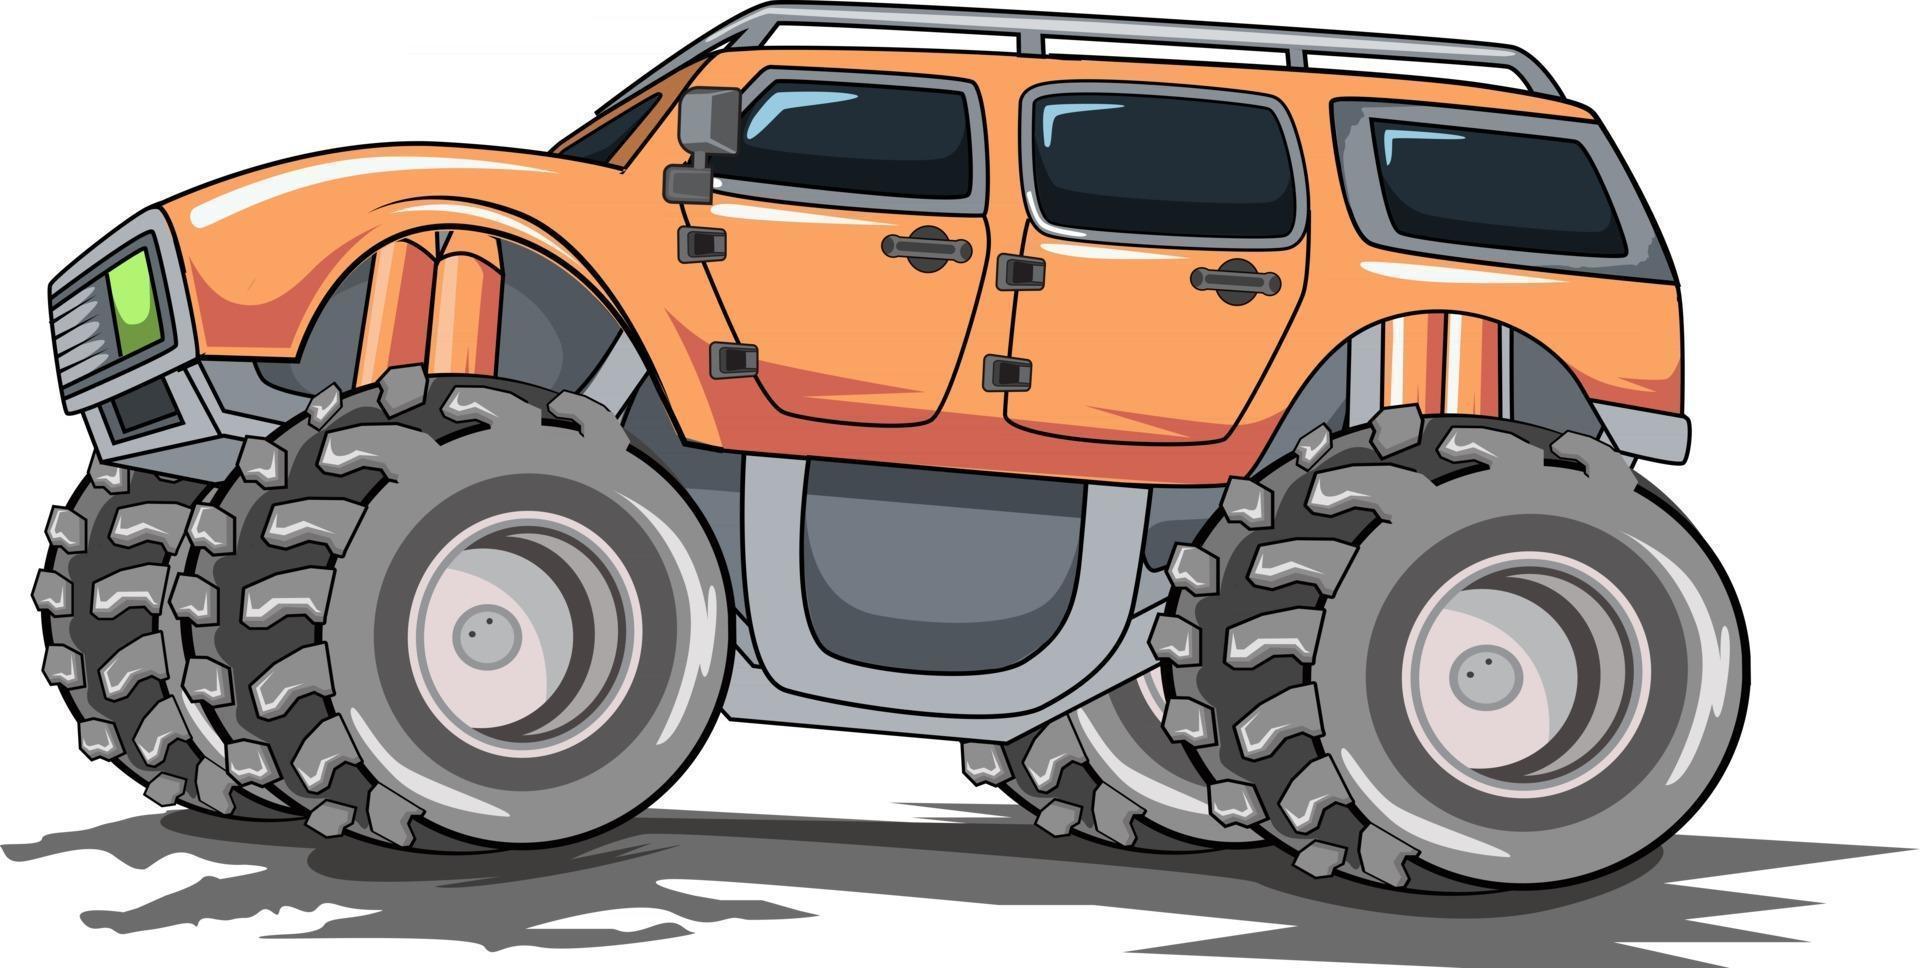 monster truck off road illustration vector